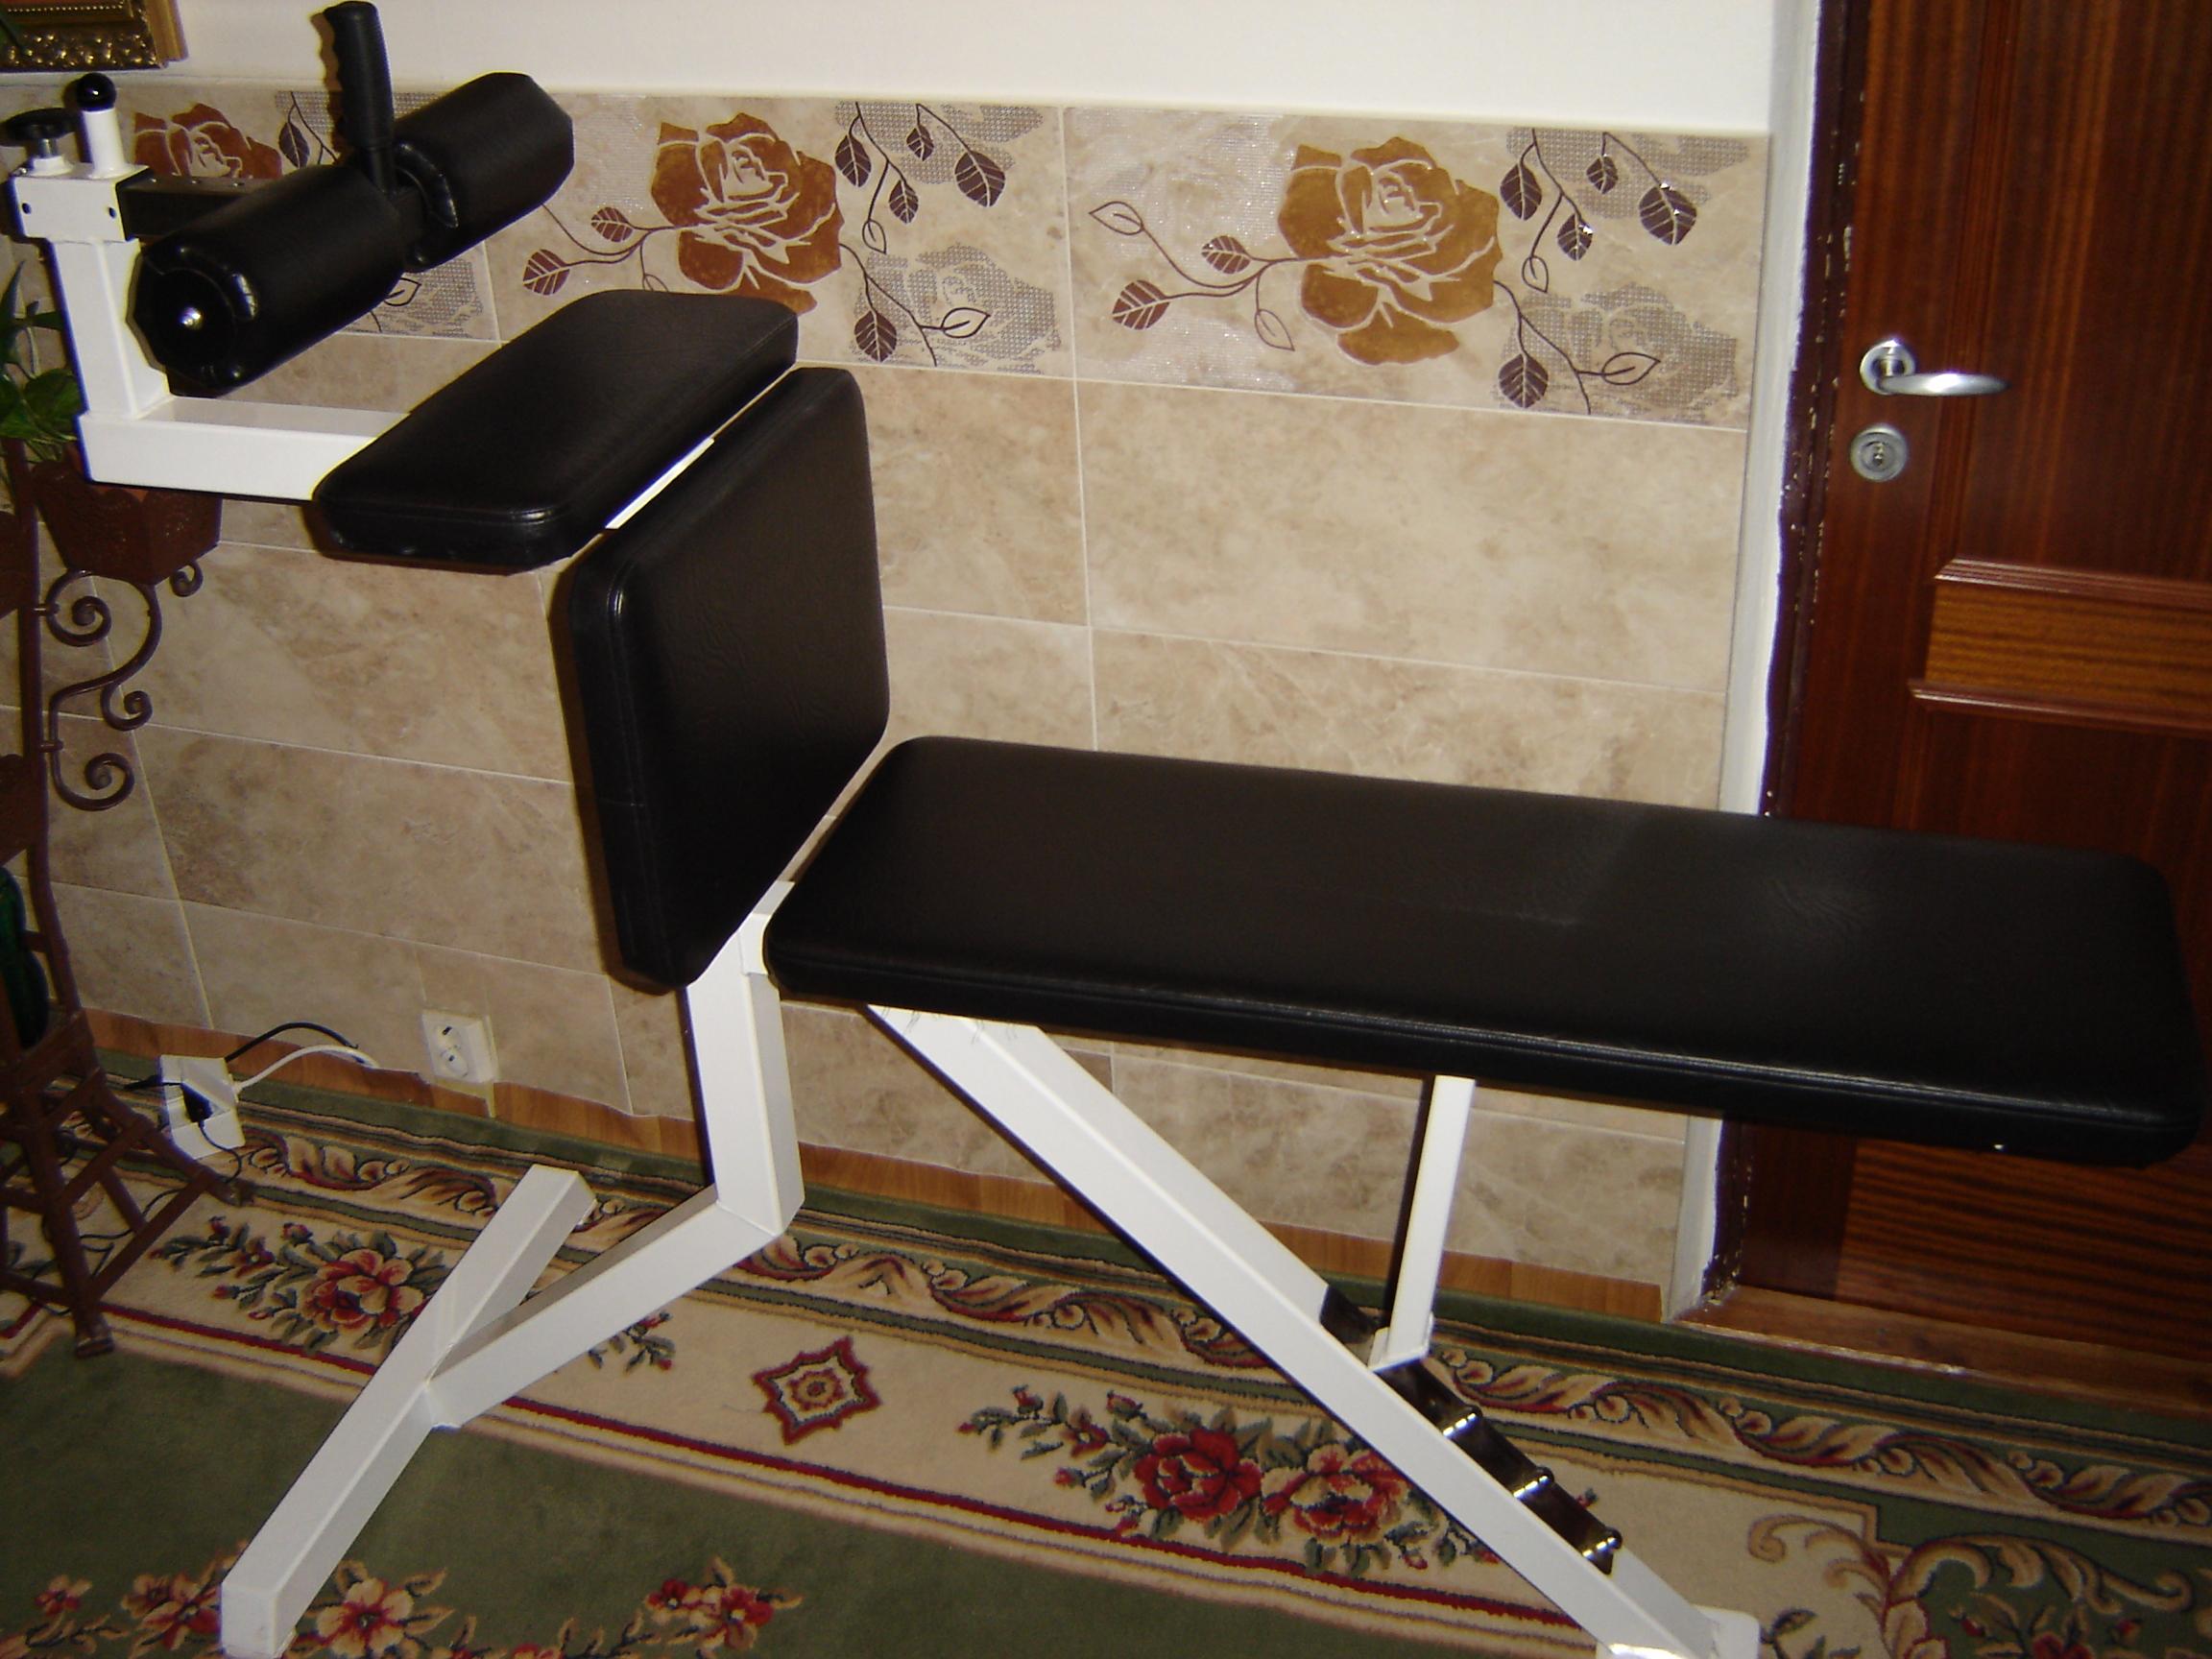 Posilovací lavice na břicho polohovací LAX klasik K505